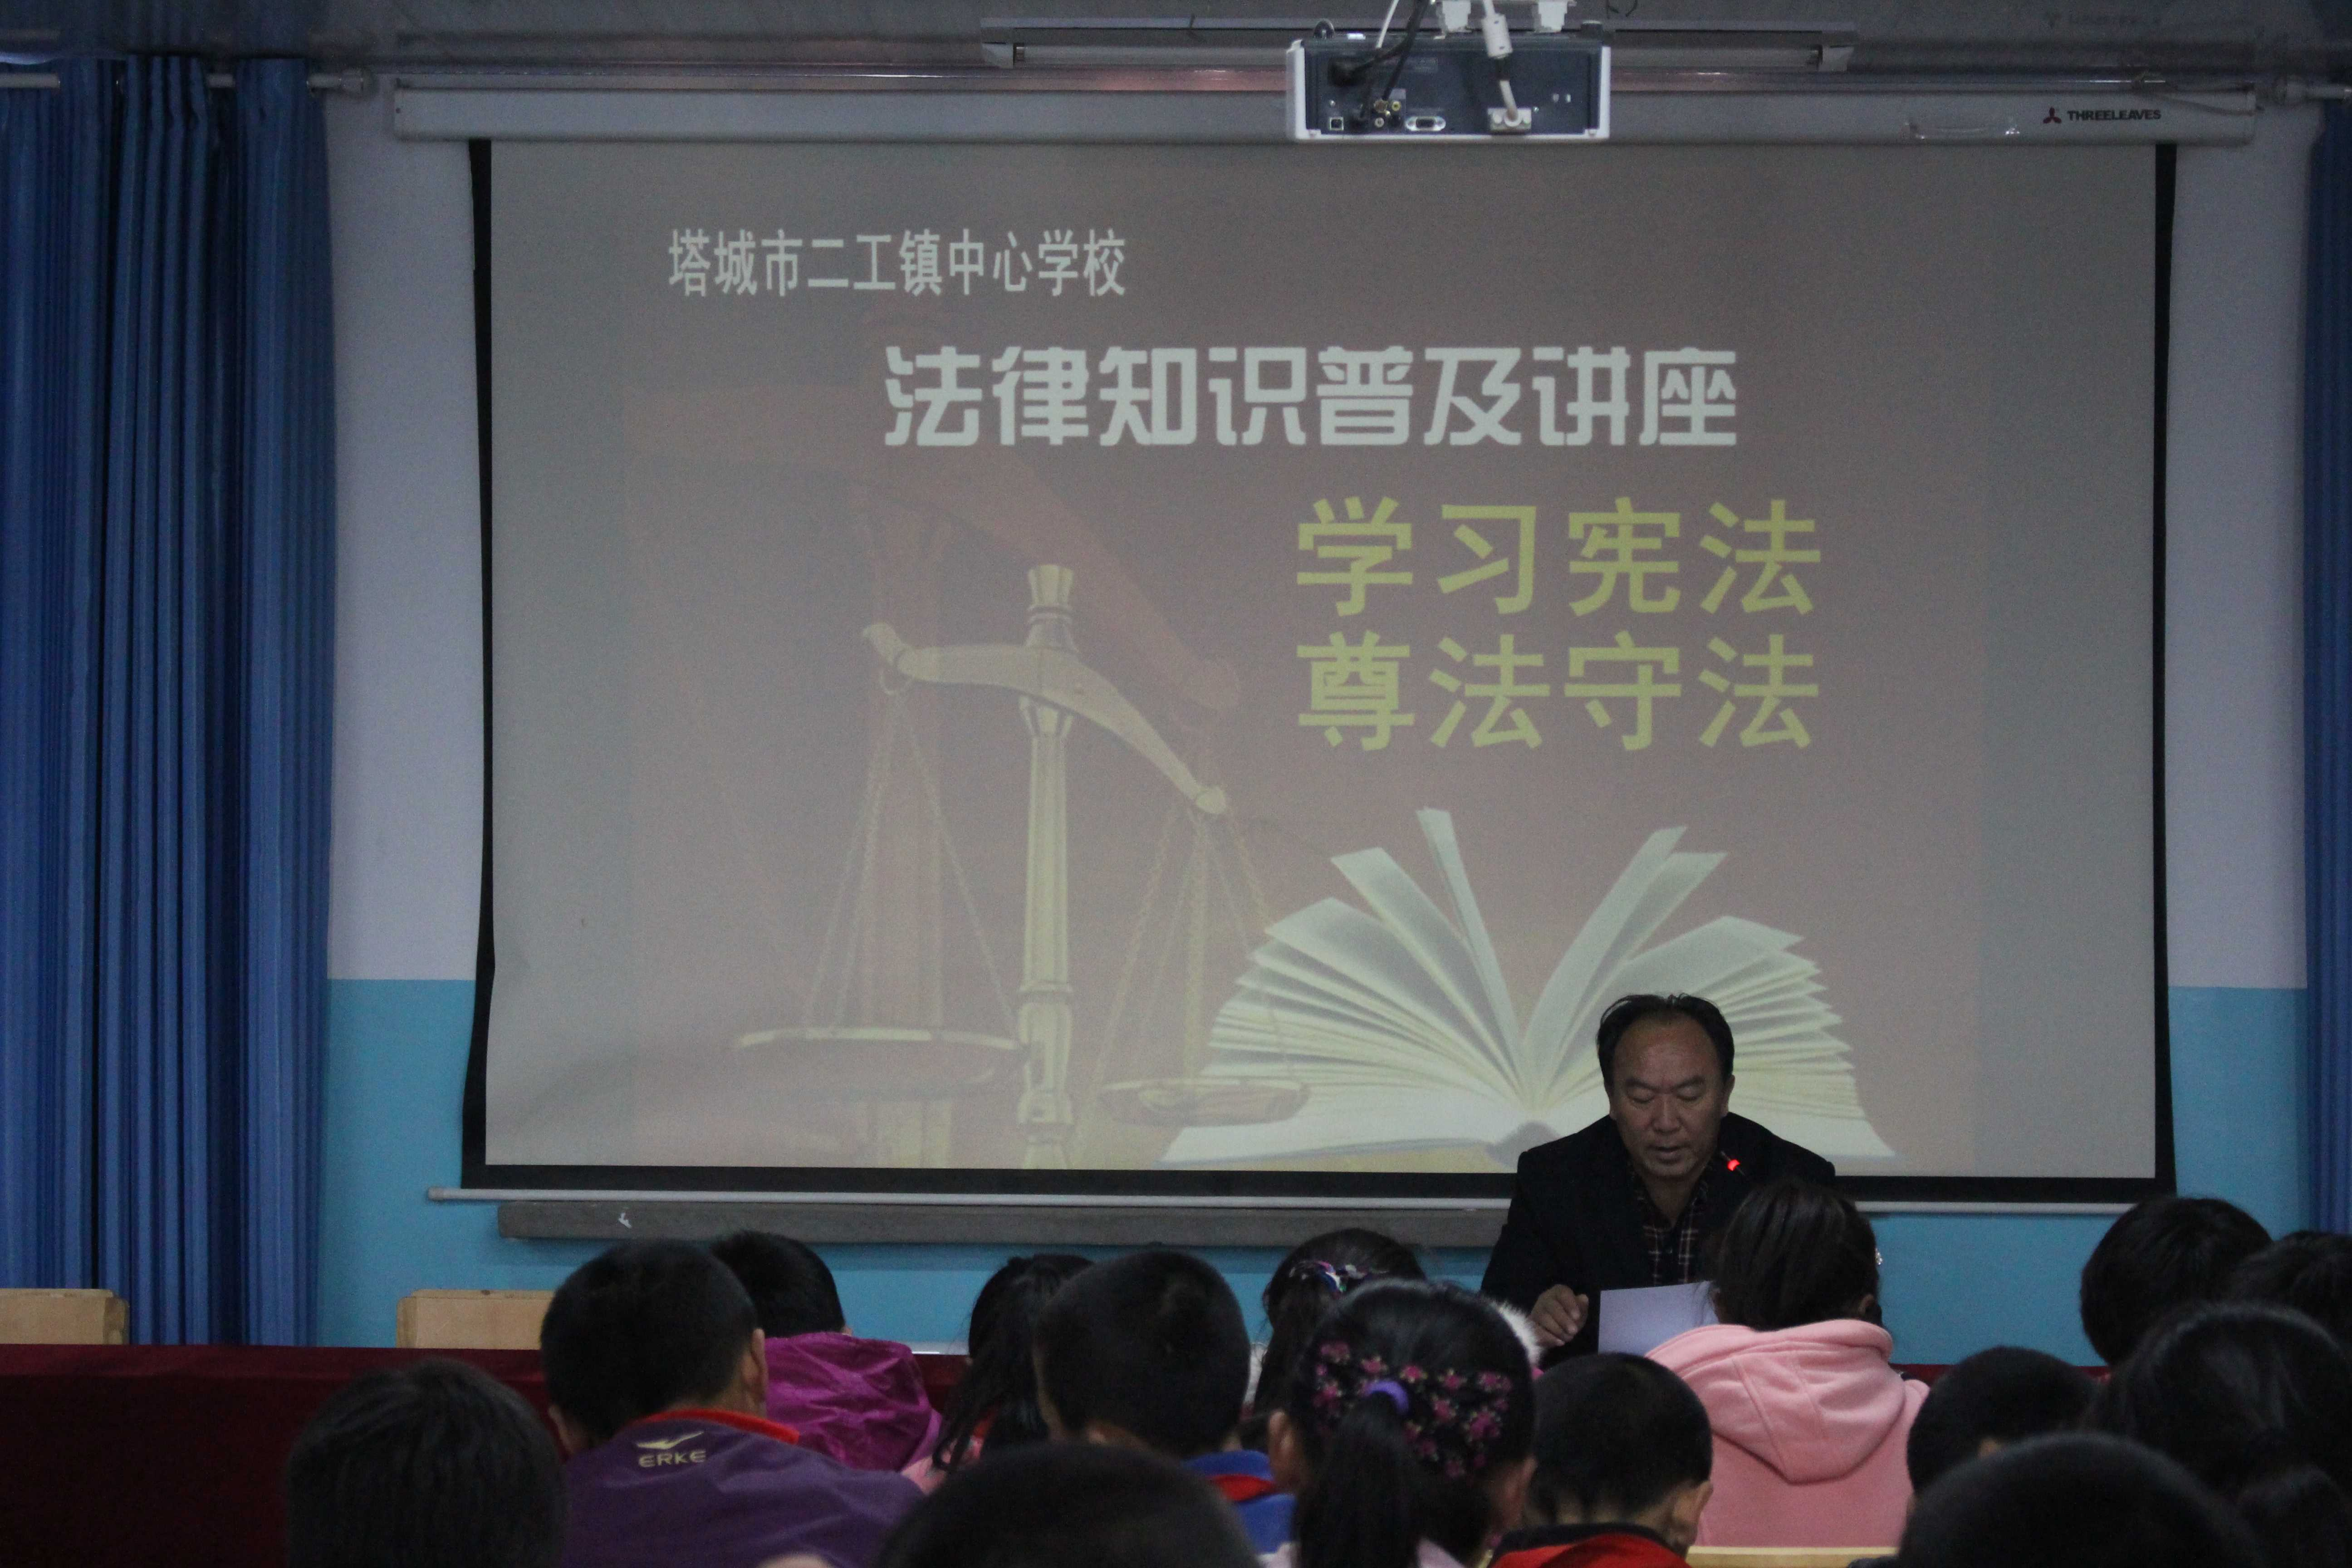 新疆塔城市二工镇中心学校举行